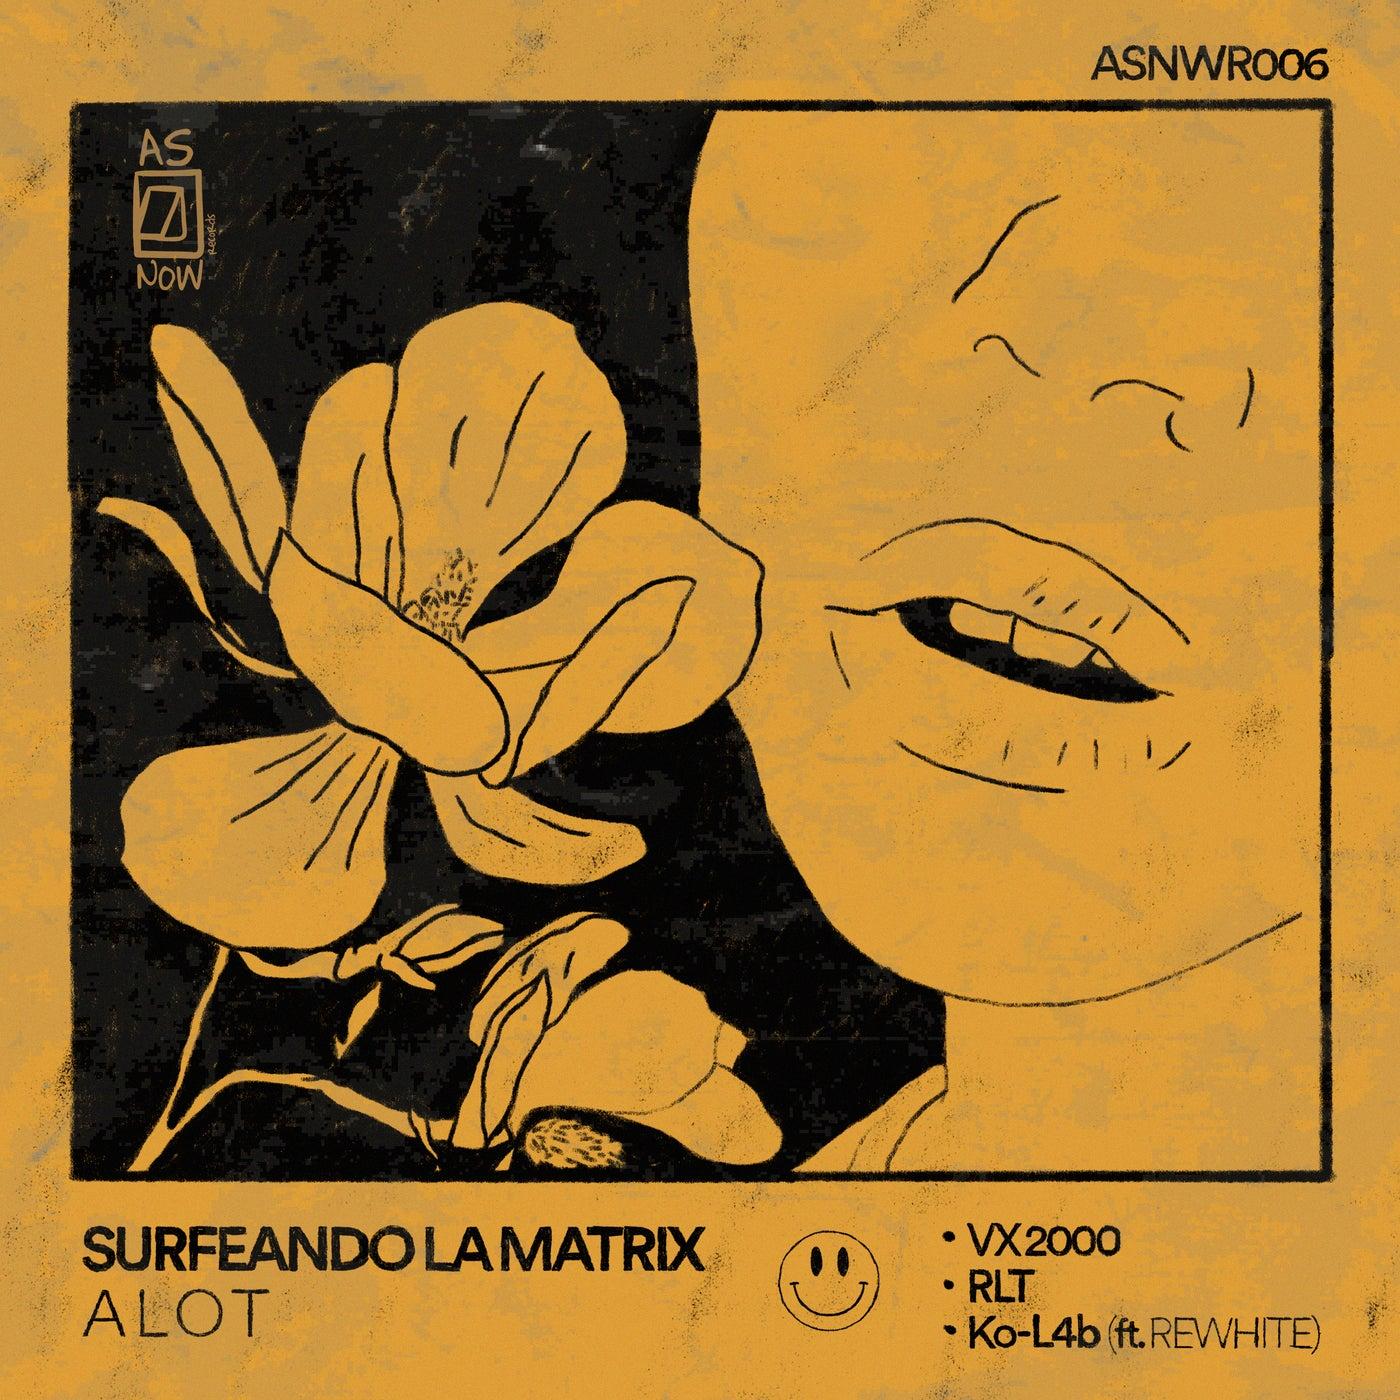 VX2000 (Original Mix)